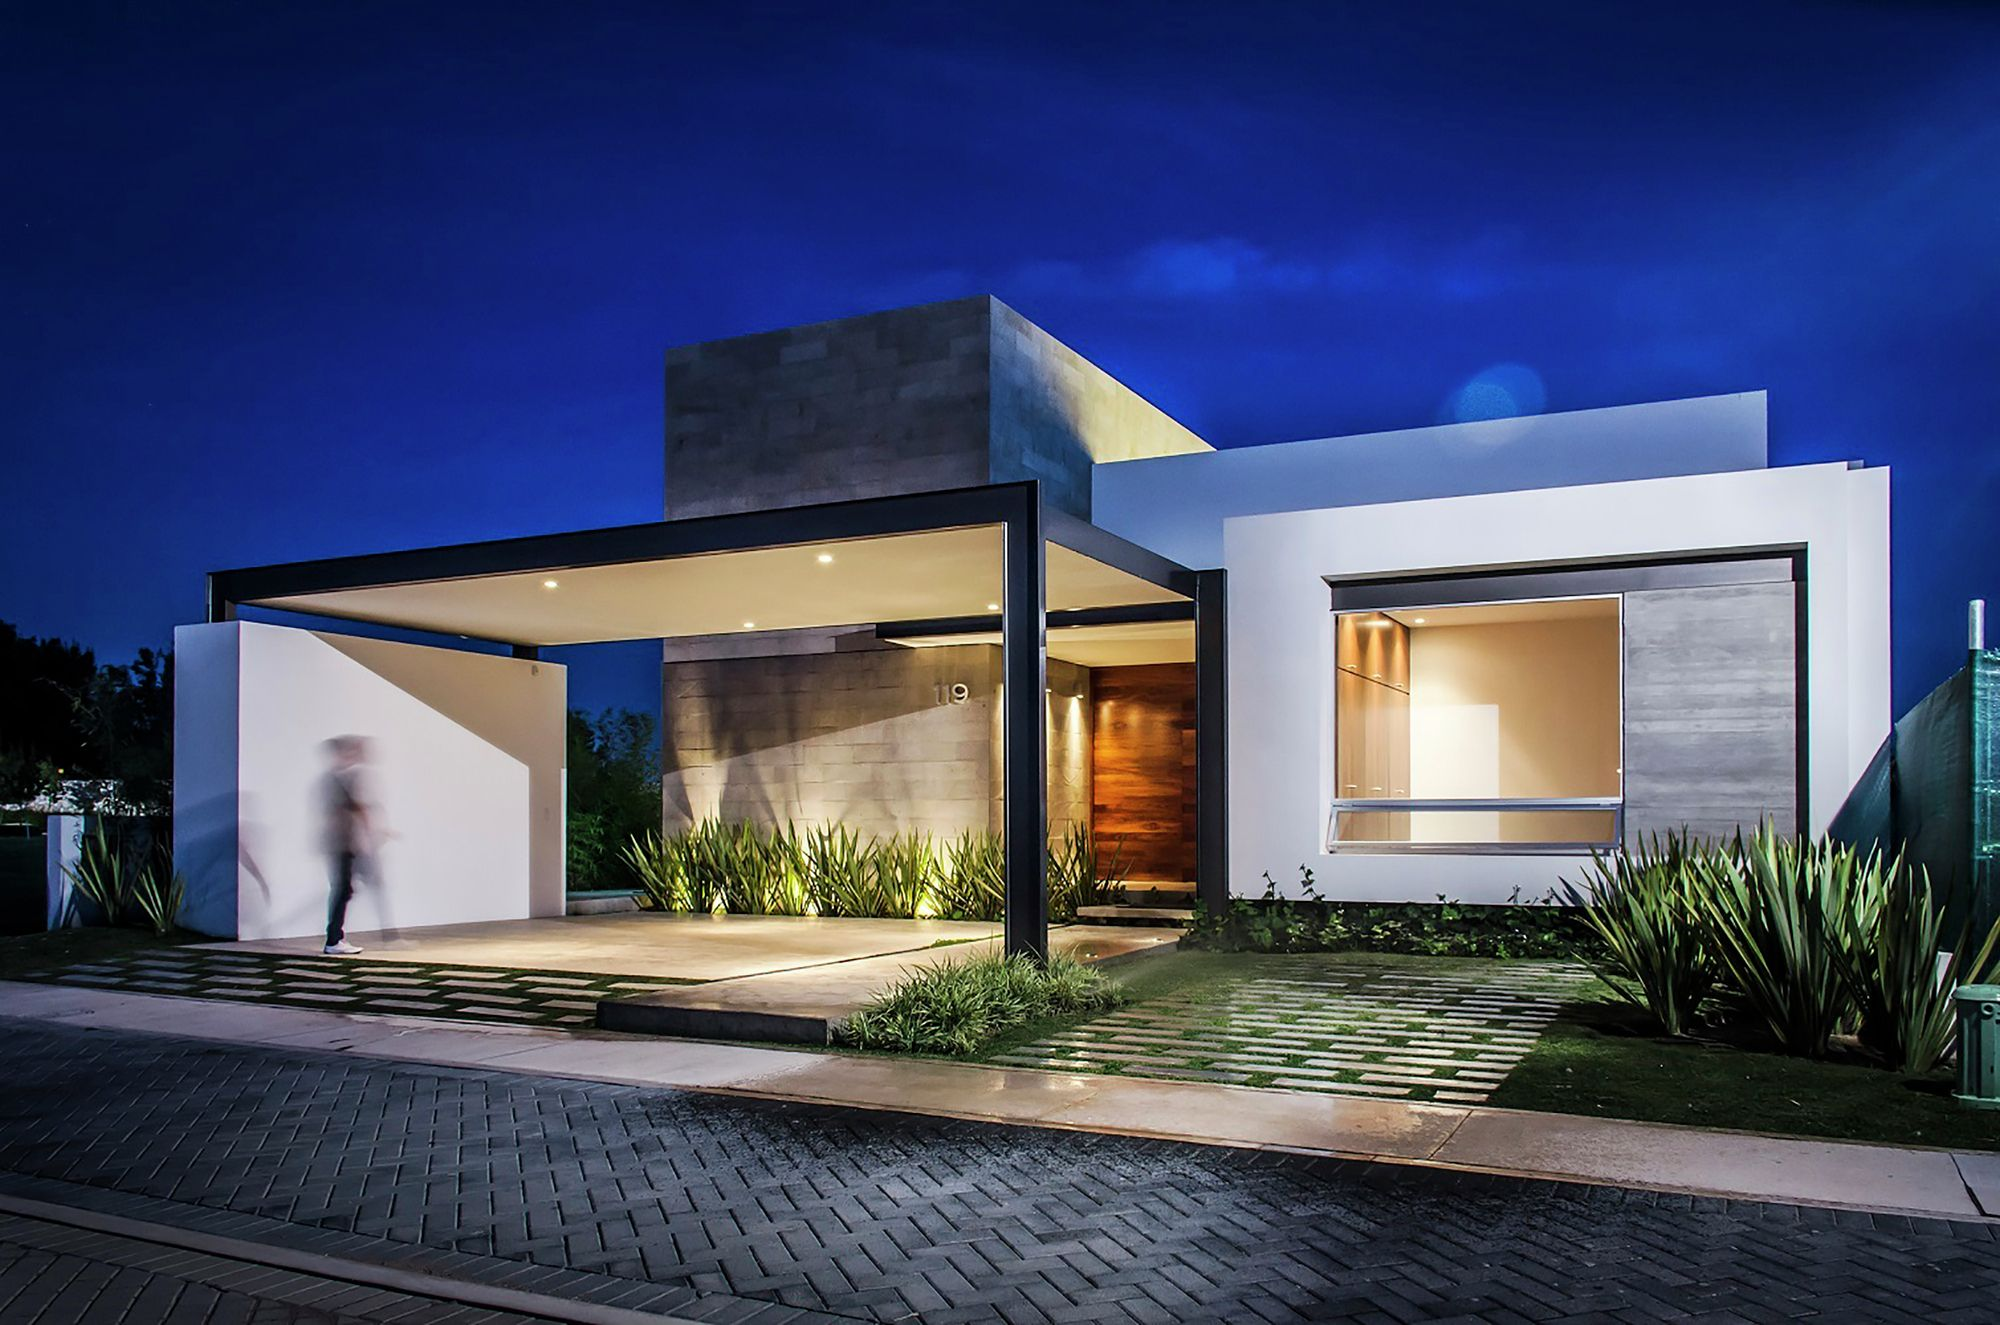 Dise o de casa moderna de un piso con tres dormitorios for Casa moderna in moldova